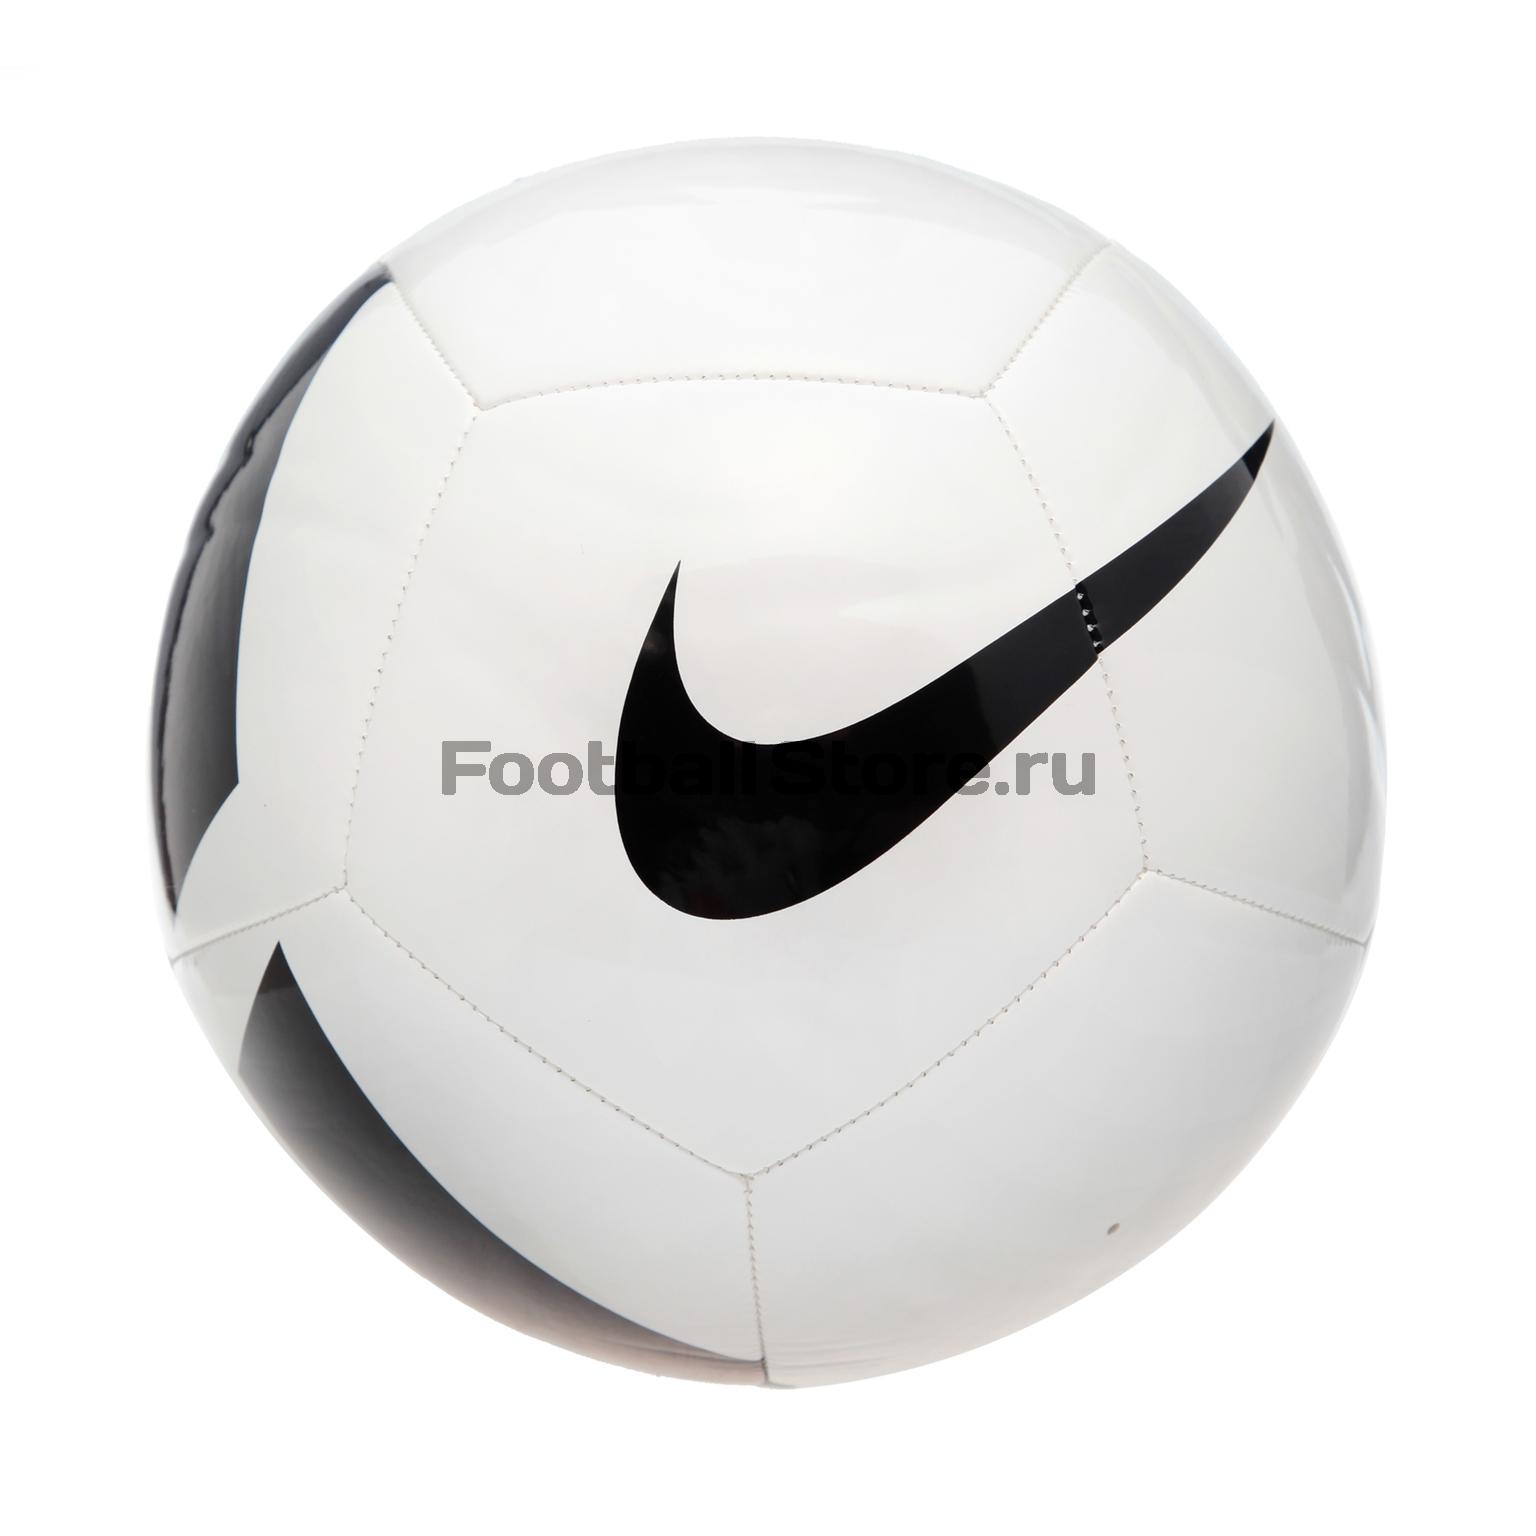 ... Футбольный мяч Nike NK Pitch Team SC3166-100. О ТОВАРЕ  РАСЧЕТ ДОСТАВКИ 0486eae268c12